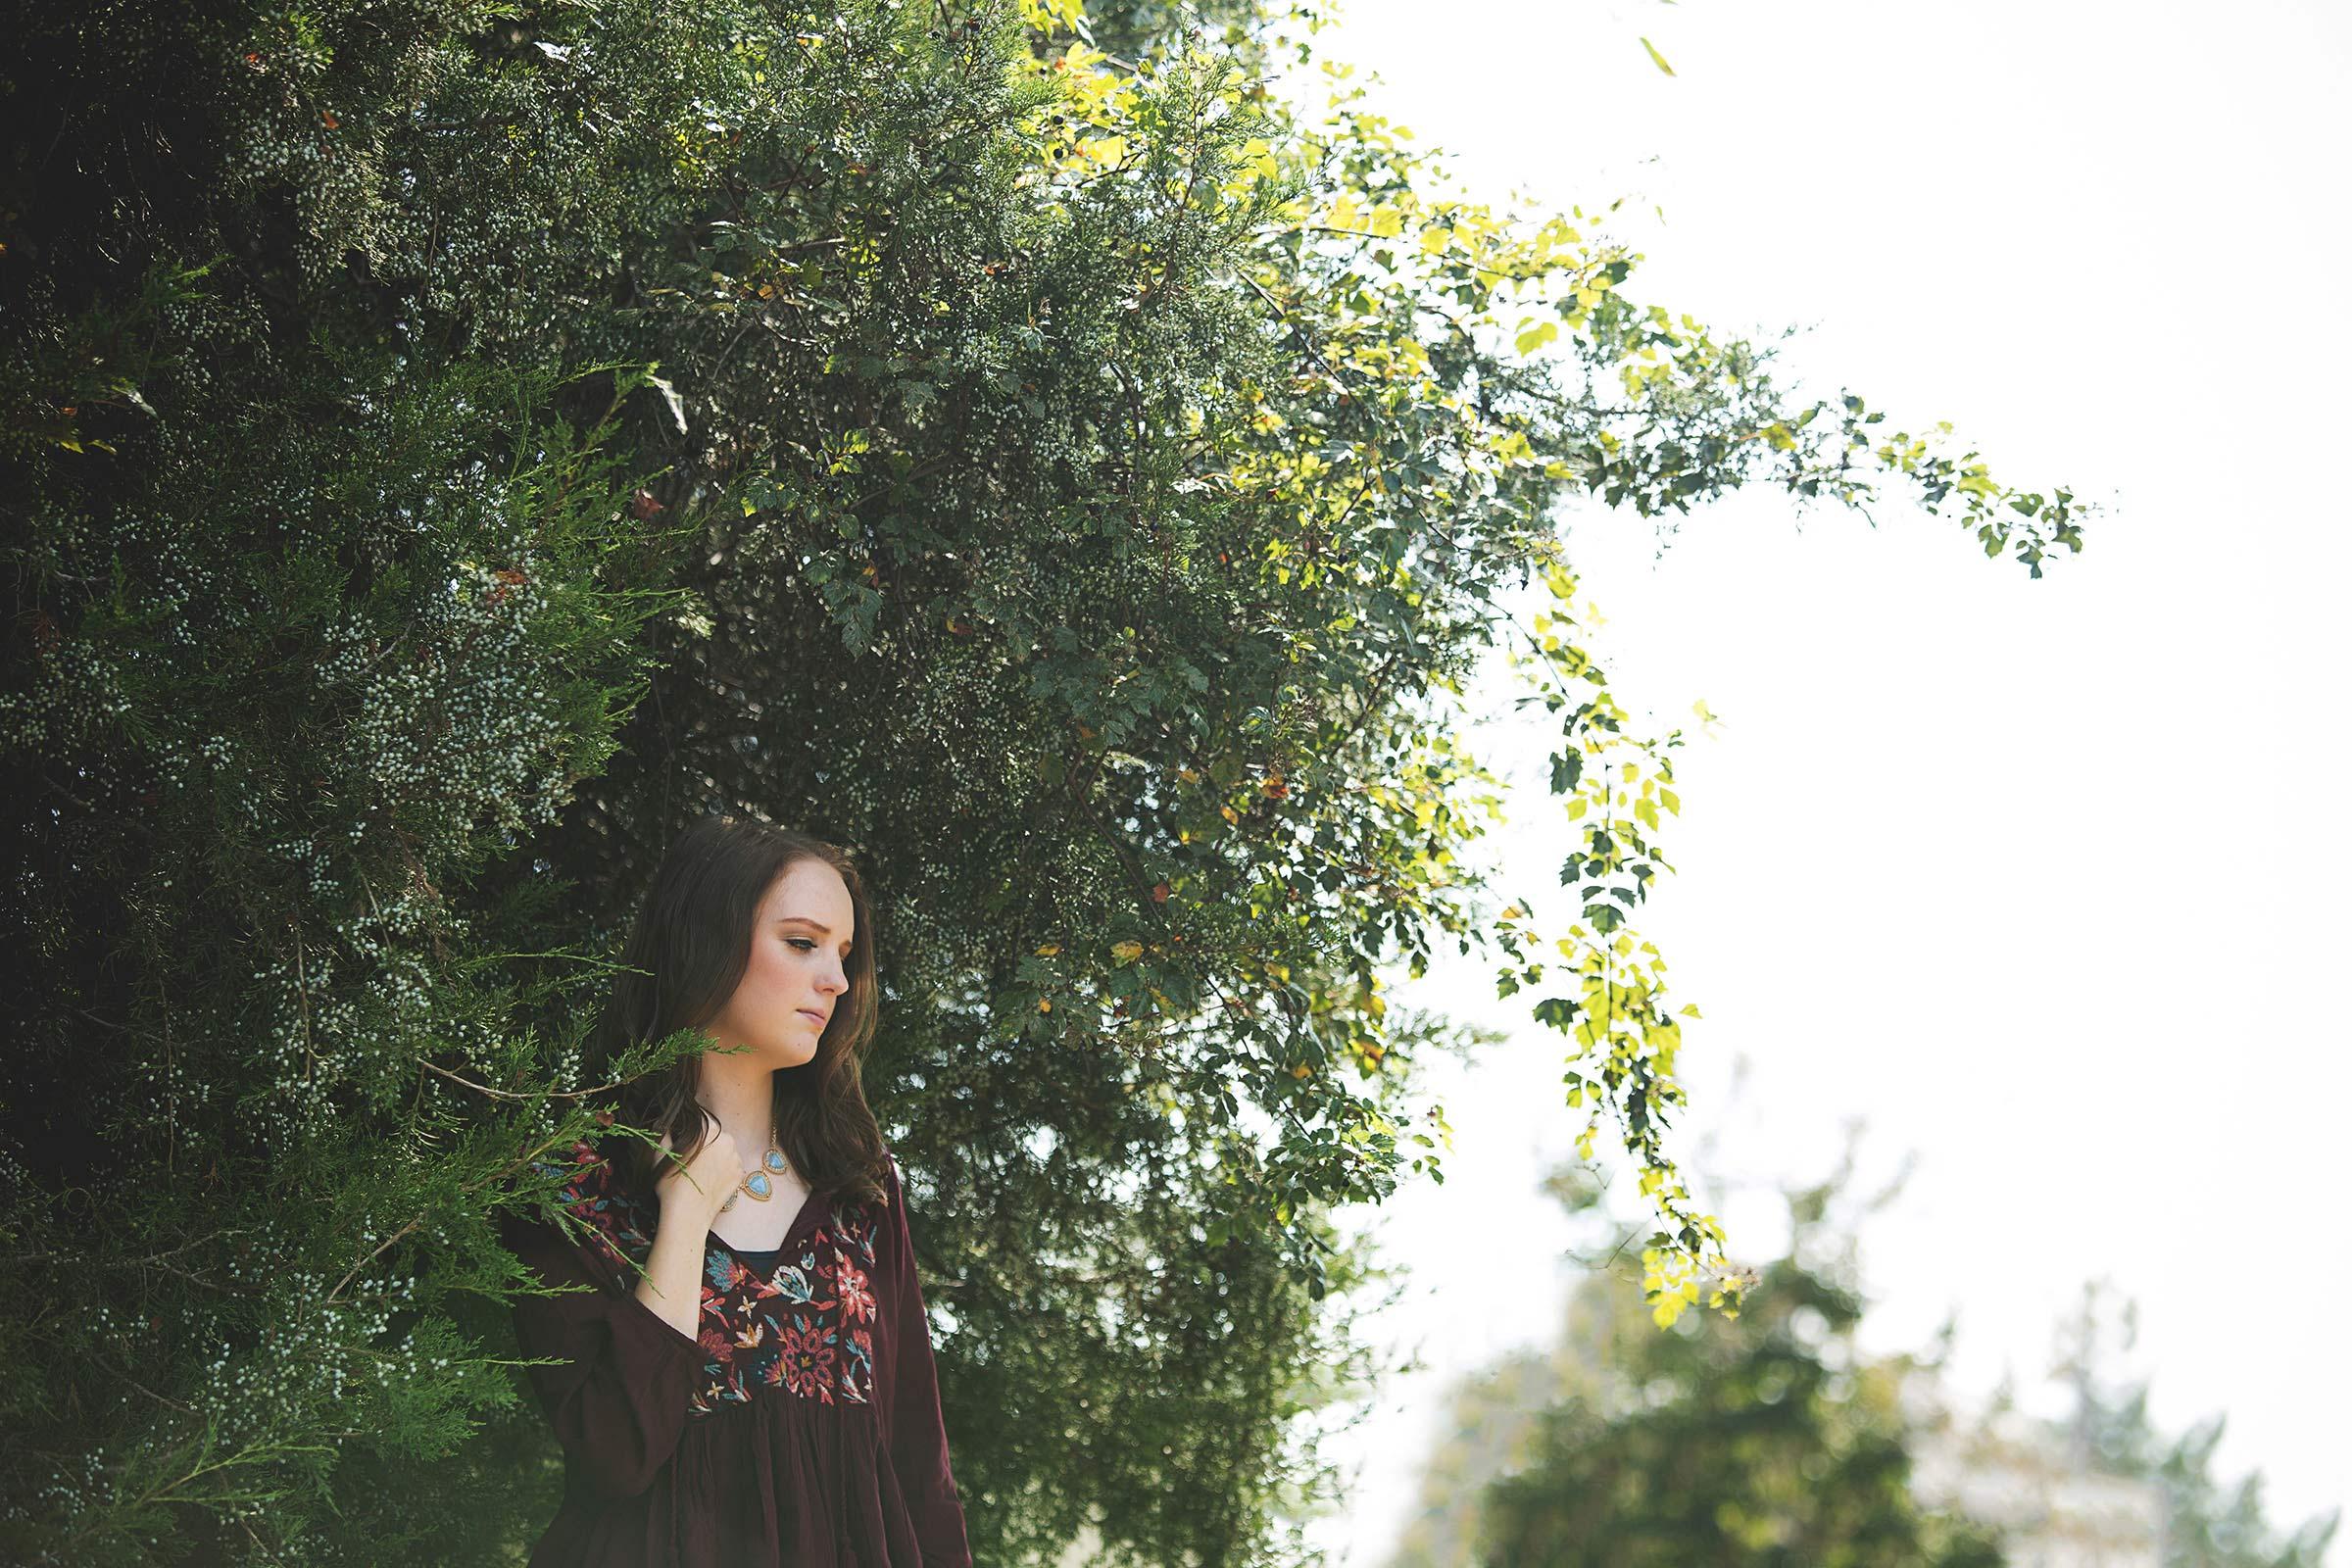 arkansas_senior_portrait_photographer_051.jpg